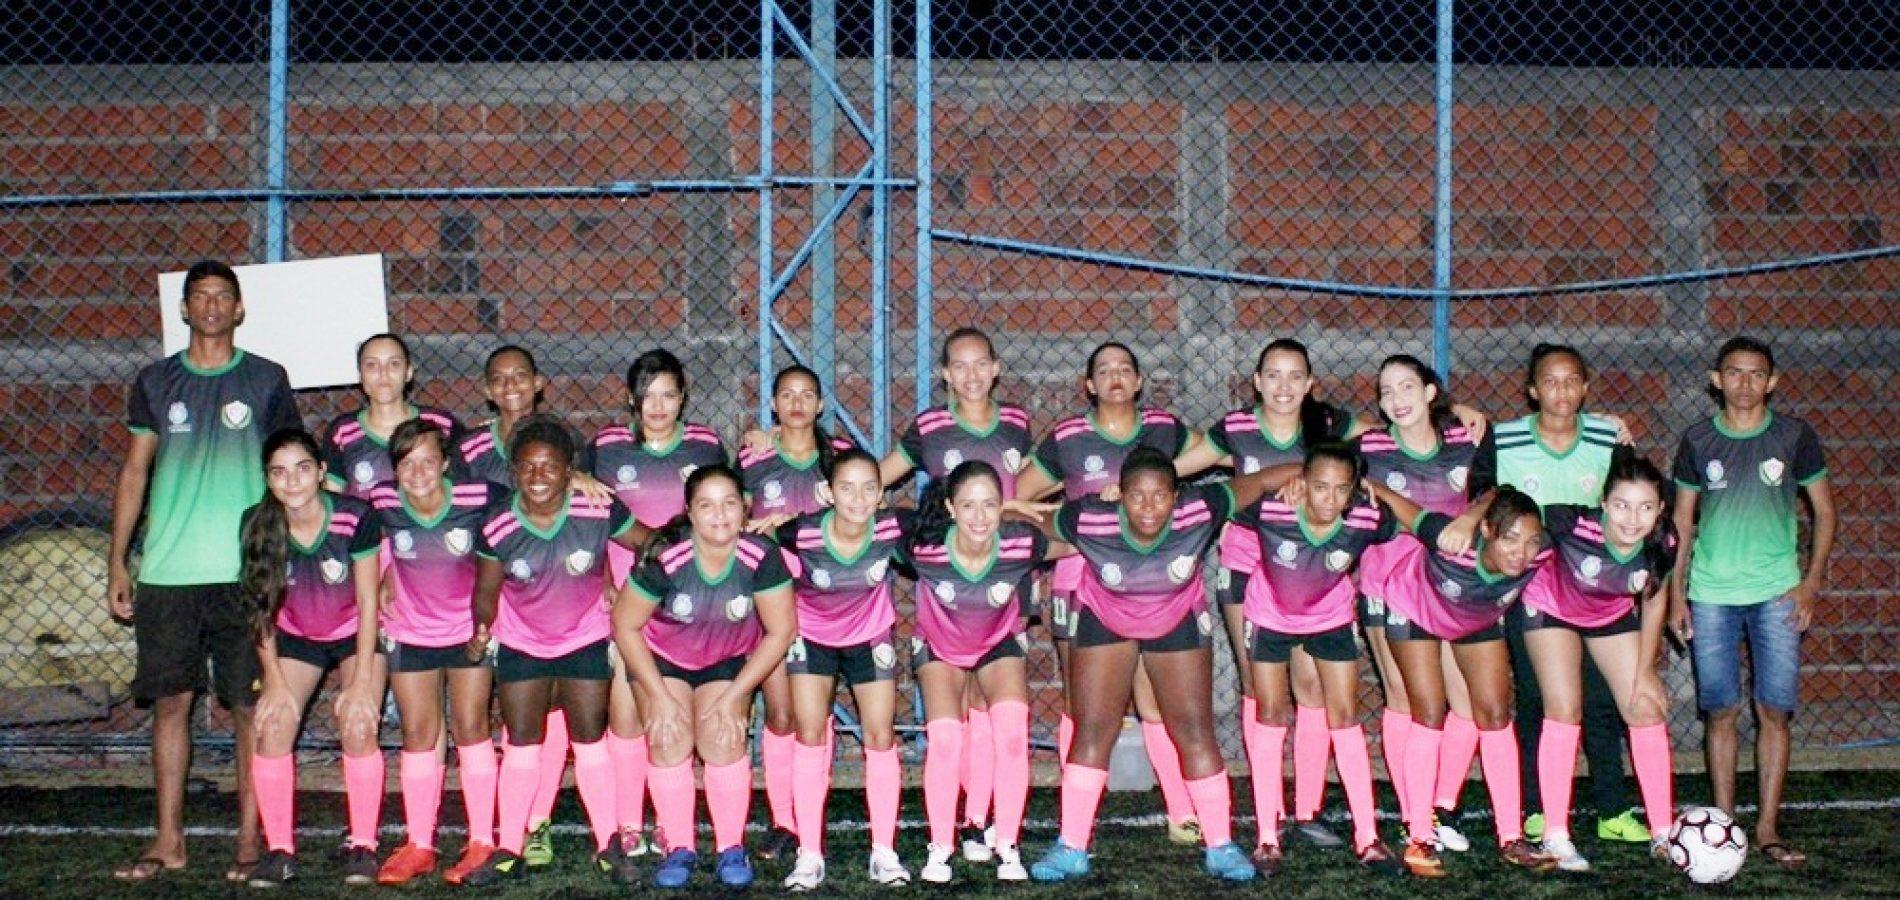 Gallos vence por 2×1 é o campeão do Futebol Society feminino em Jaicós